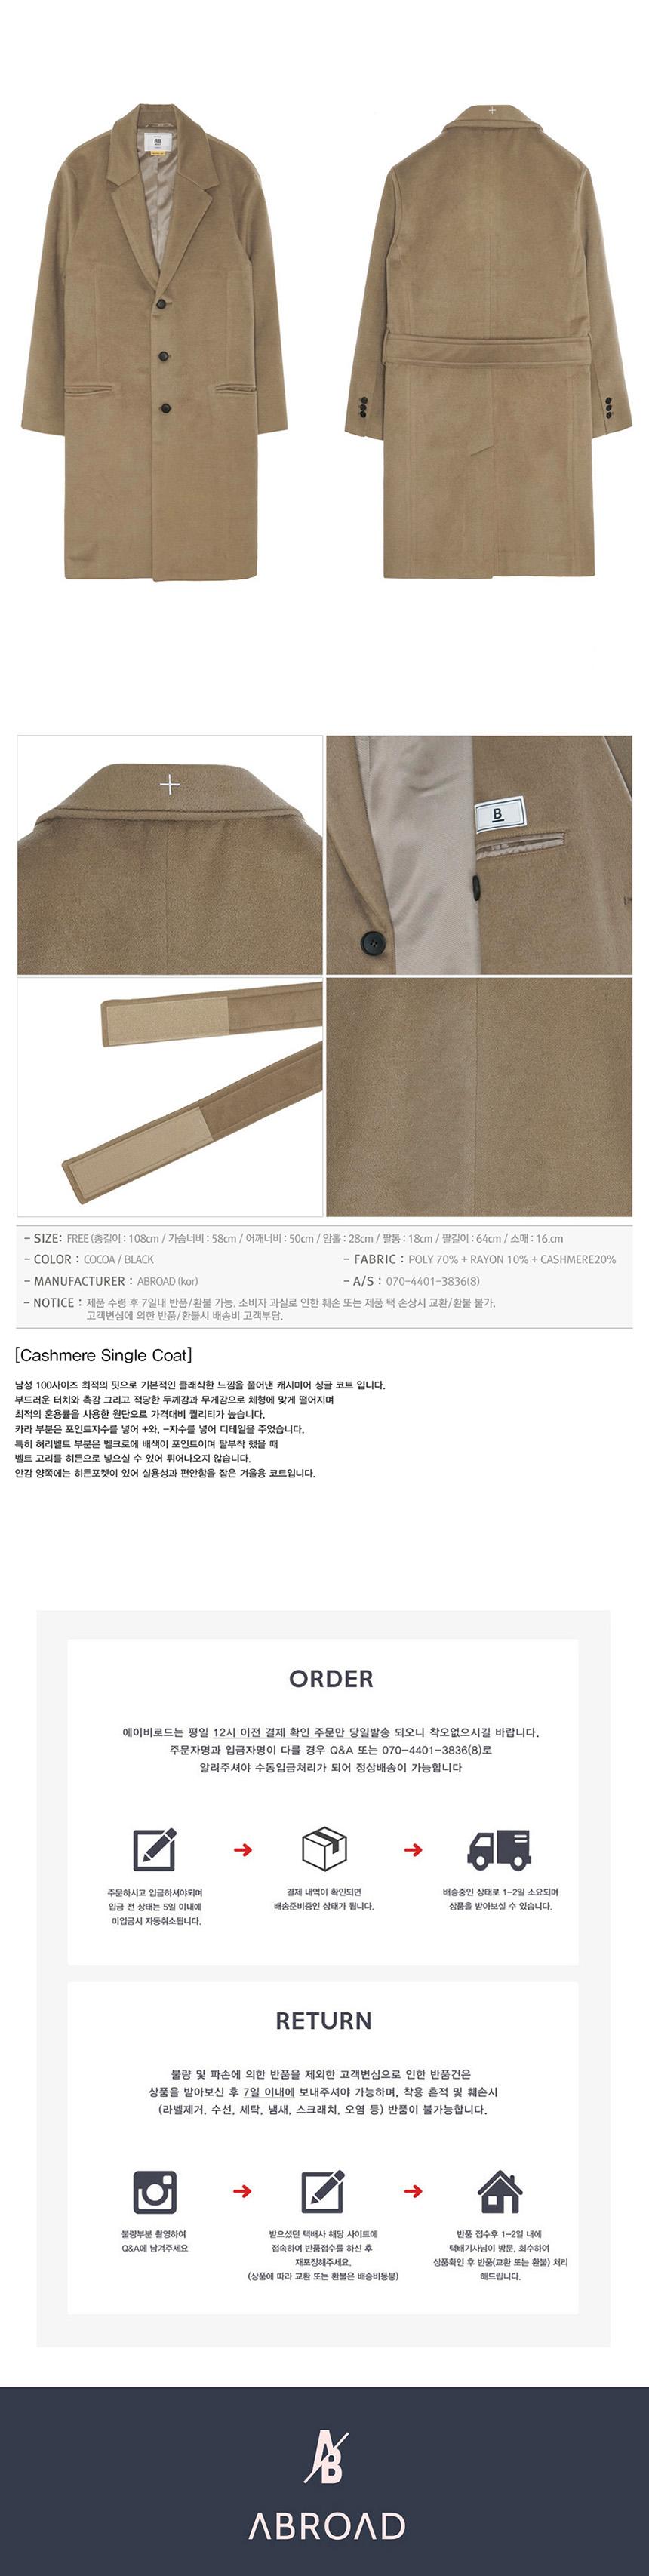 에이비로드(ABROAD) Cashmere Single Coat (cocoa)